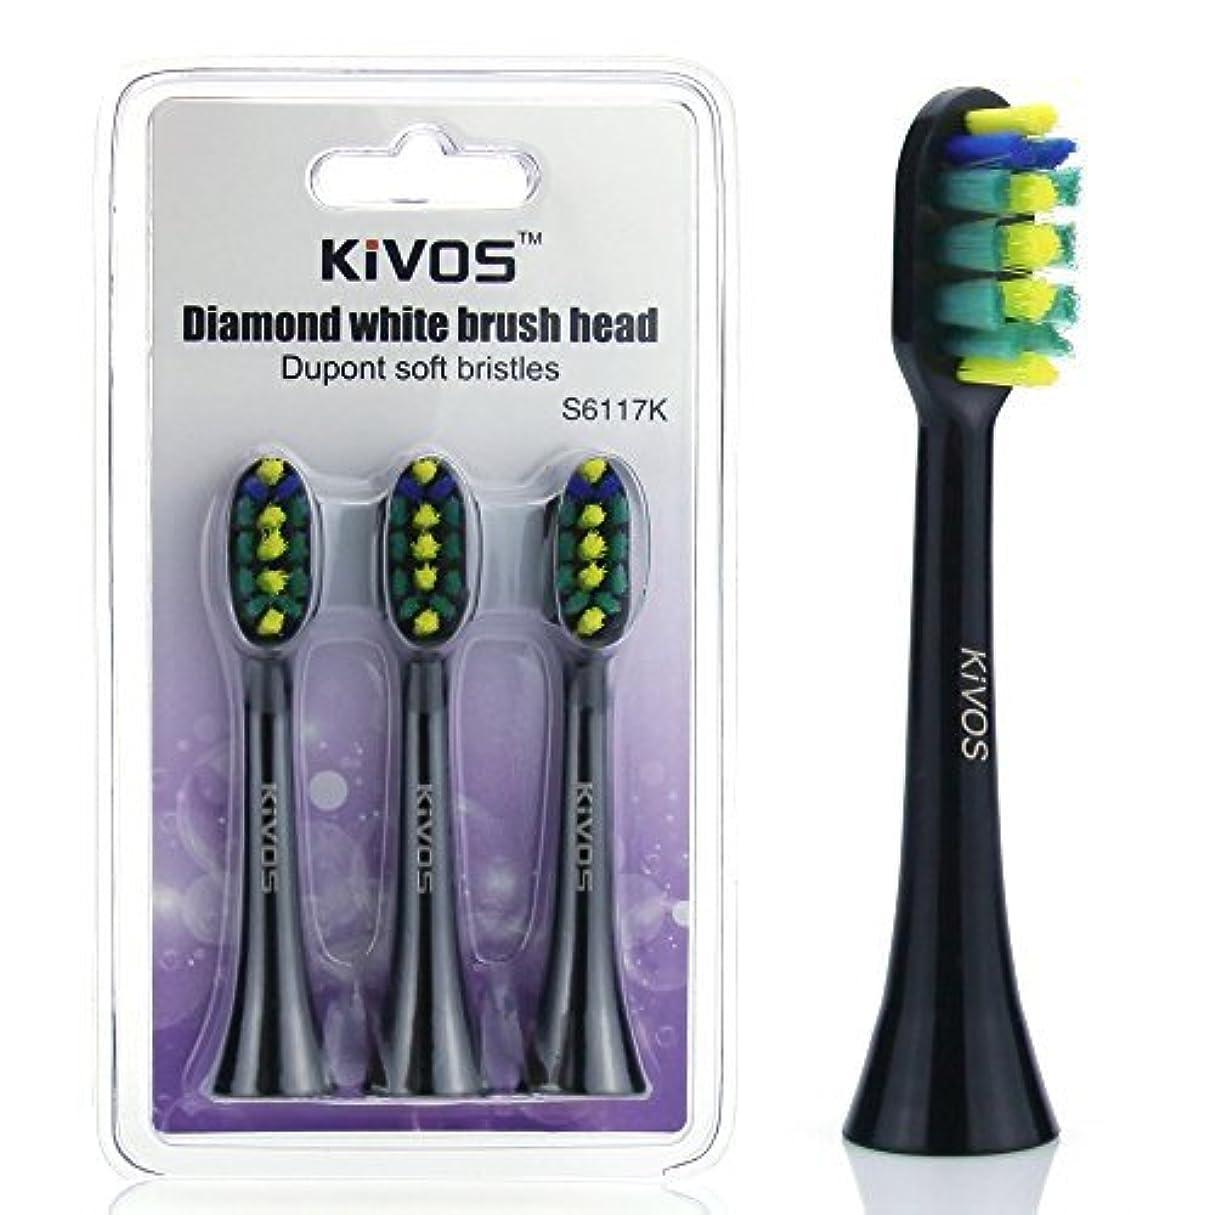 協会ロマンチック場合KIVOS 歯ブラシヘッド、ダイヤモンドブライト音波歯ブラシ交換ヘッドKIVOS S6102 S61 S51 S52電動歯ブラシ、3パック